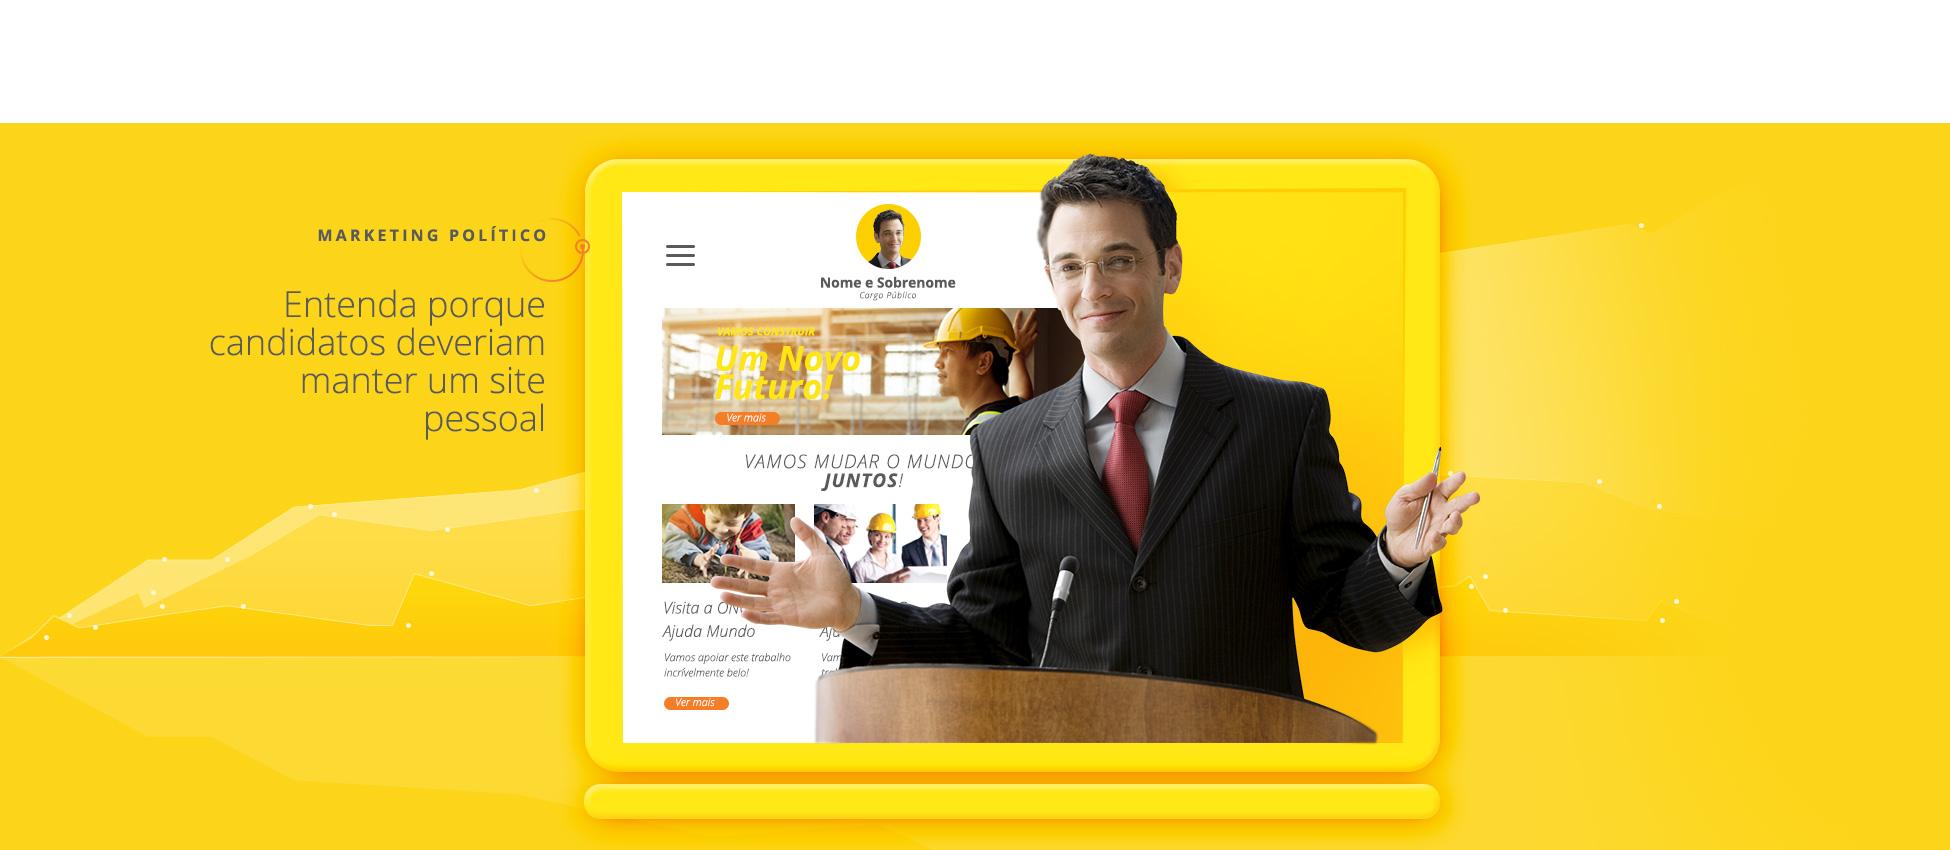 Candidato Político de terno, ao fundo um site institucional do mesmo.